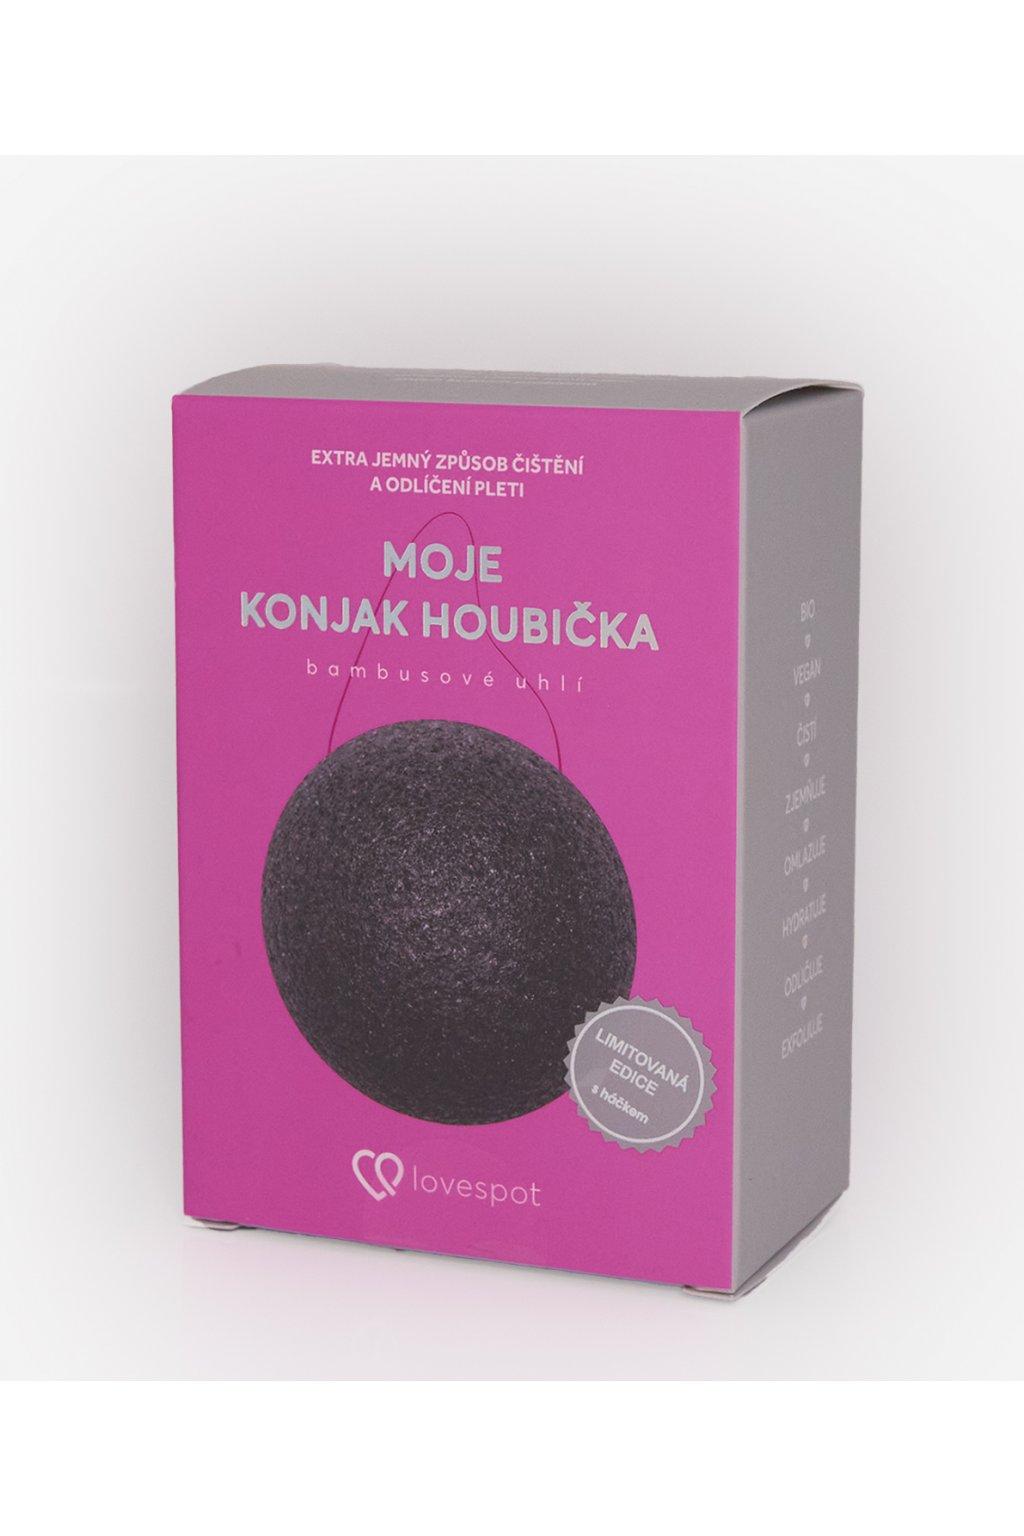 lovespot box0141